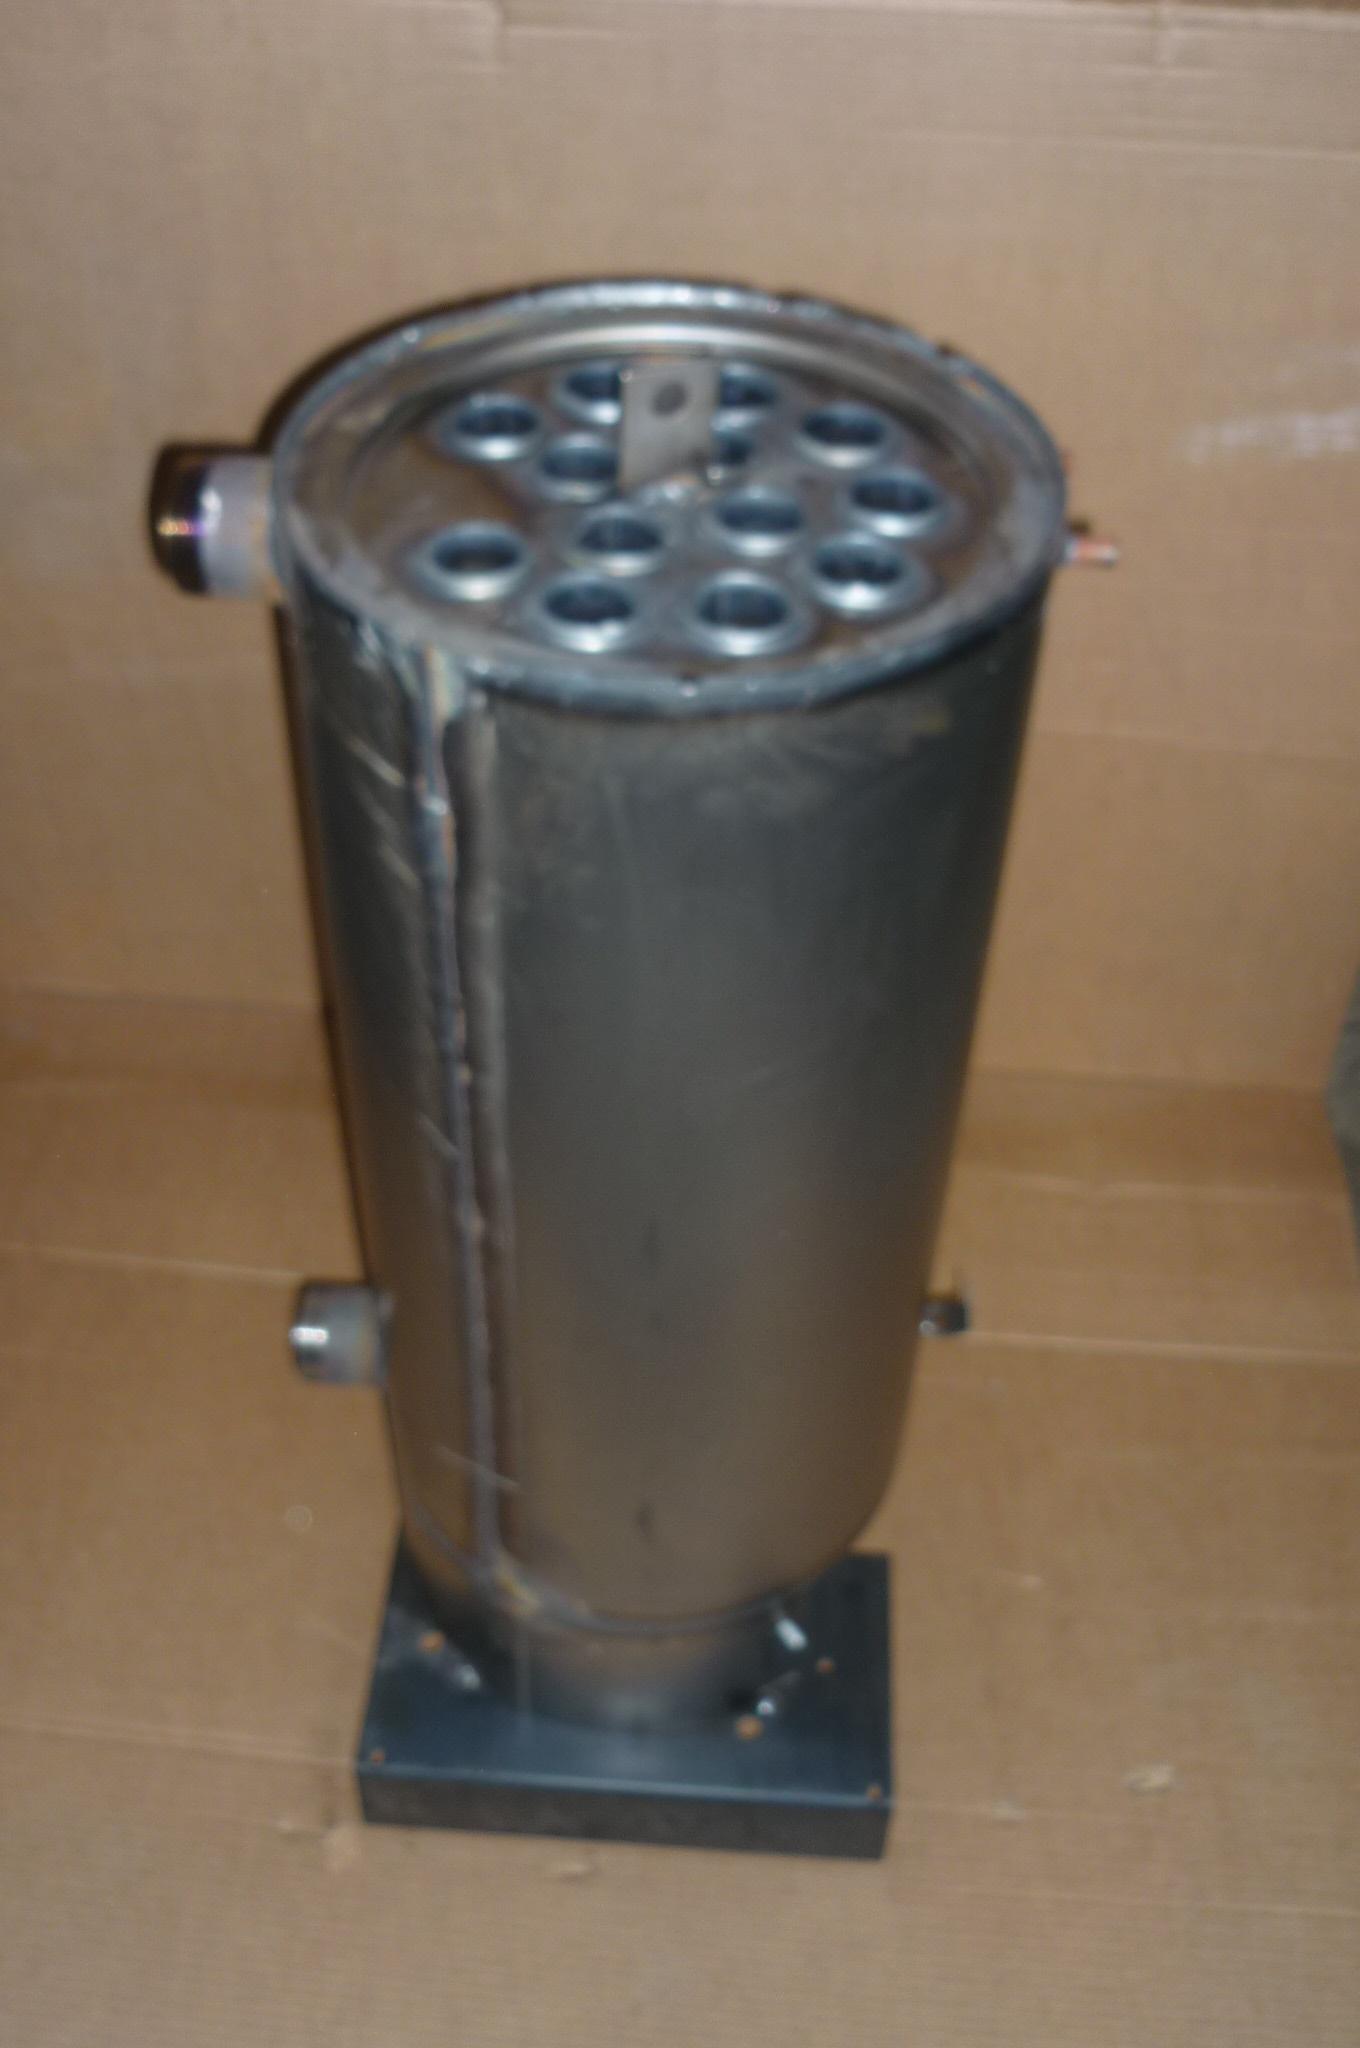 Теплообменник для аогв 50 теплообменник в газовой колонке в чебоксарах